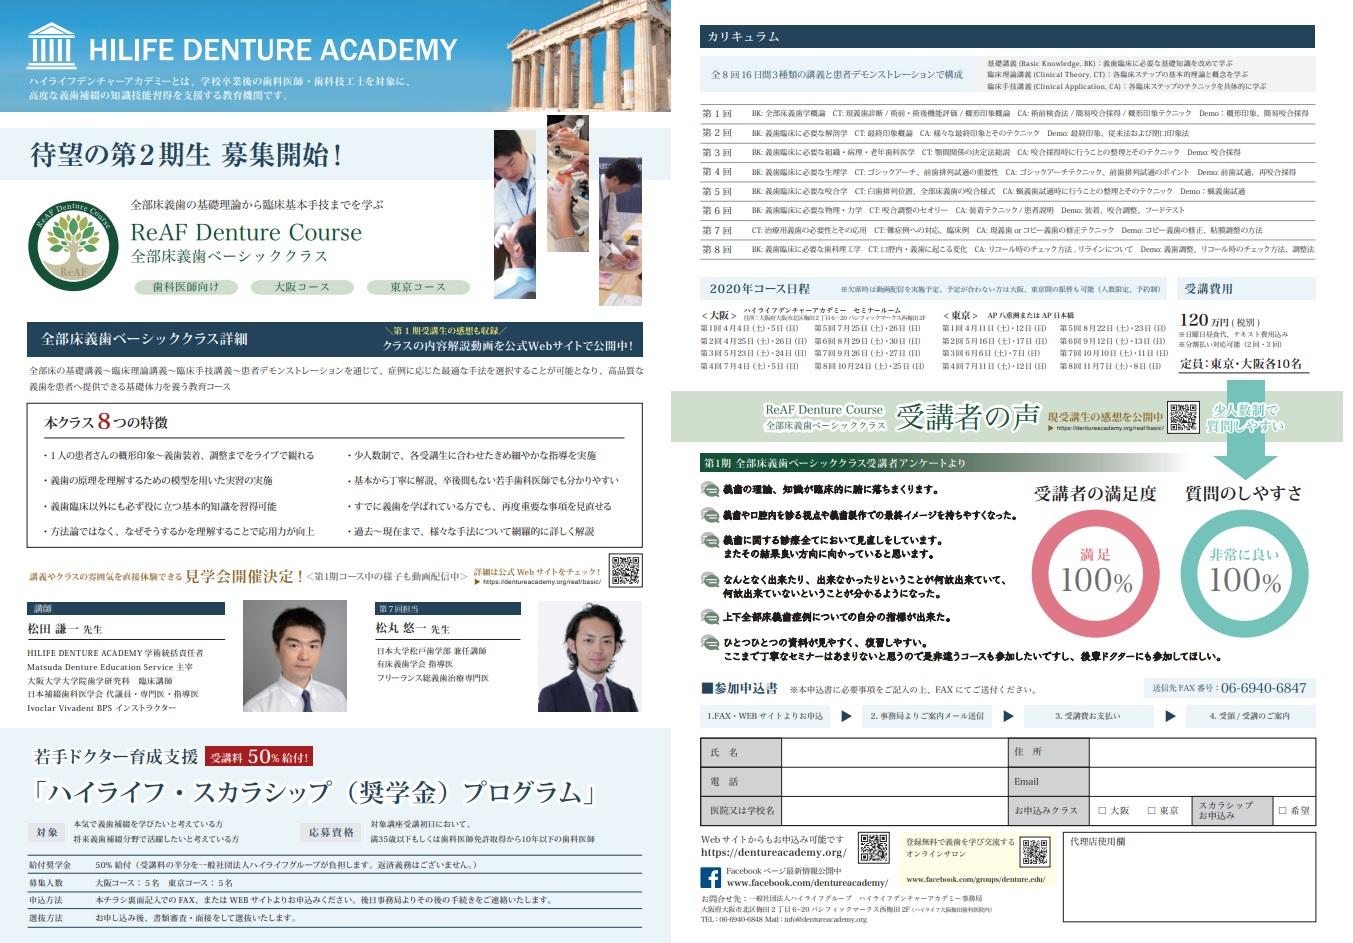 【東京】ReAF Denture Course ~全部床義歯ベーシック~